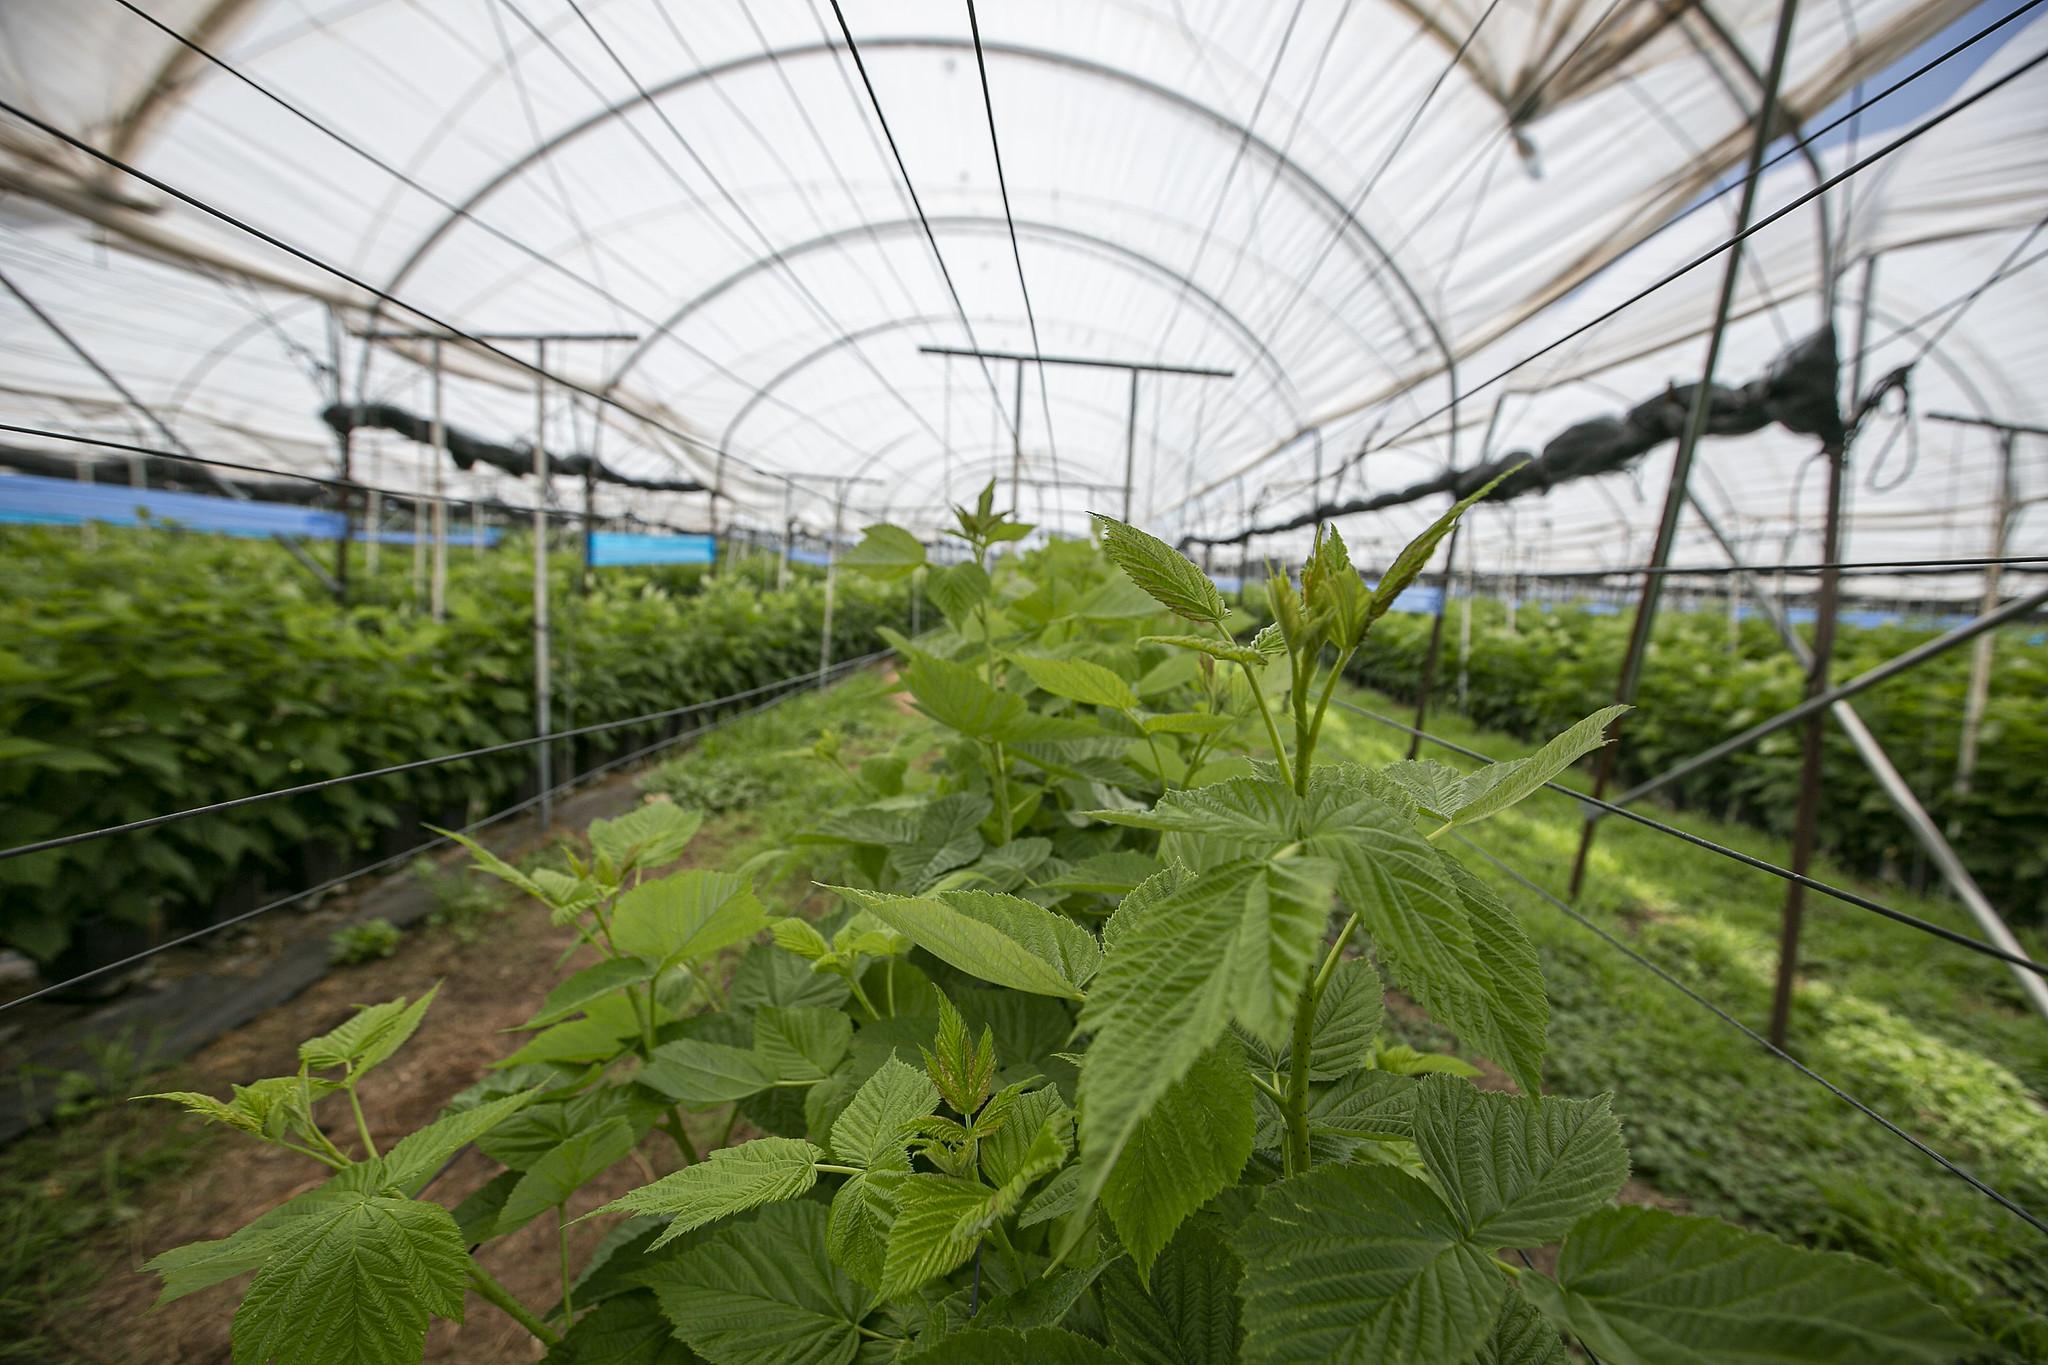 Jalisco impulsa prácticas sustentables en sectores productivos para seguridad alimentaria